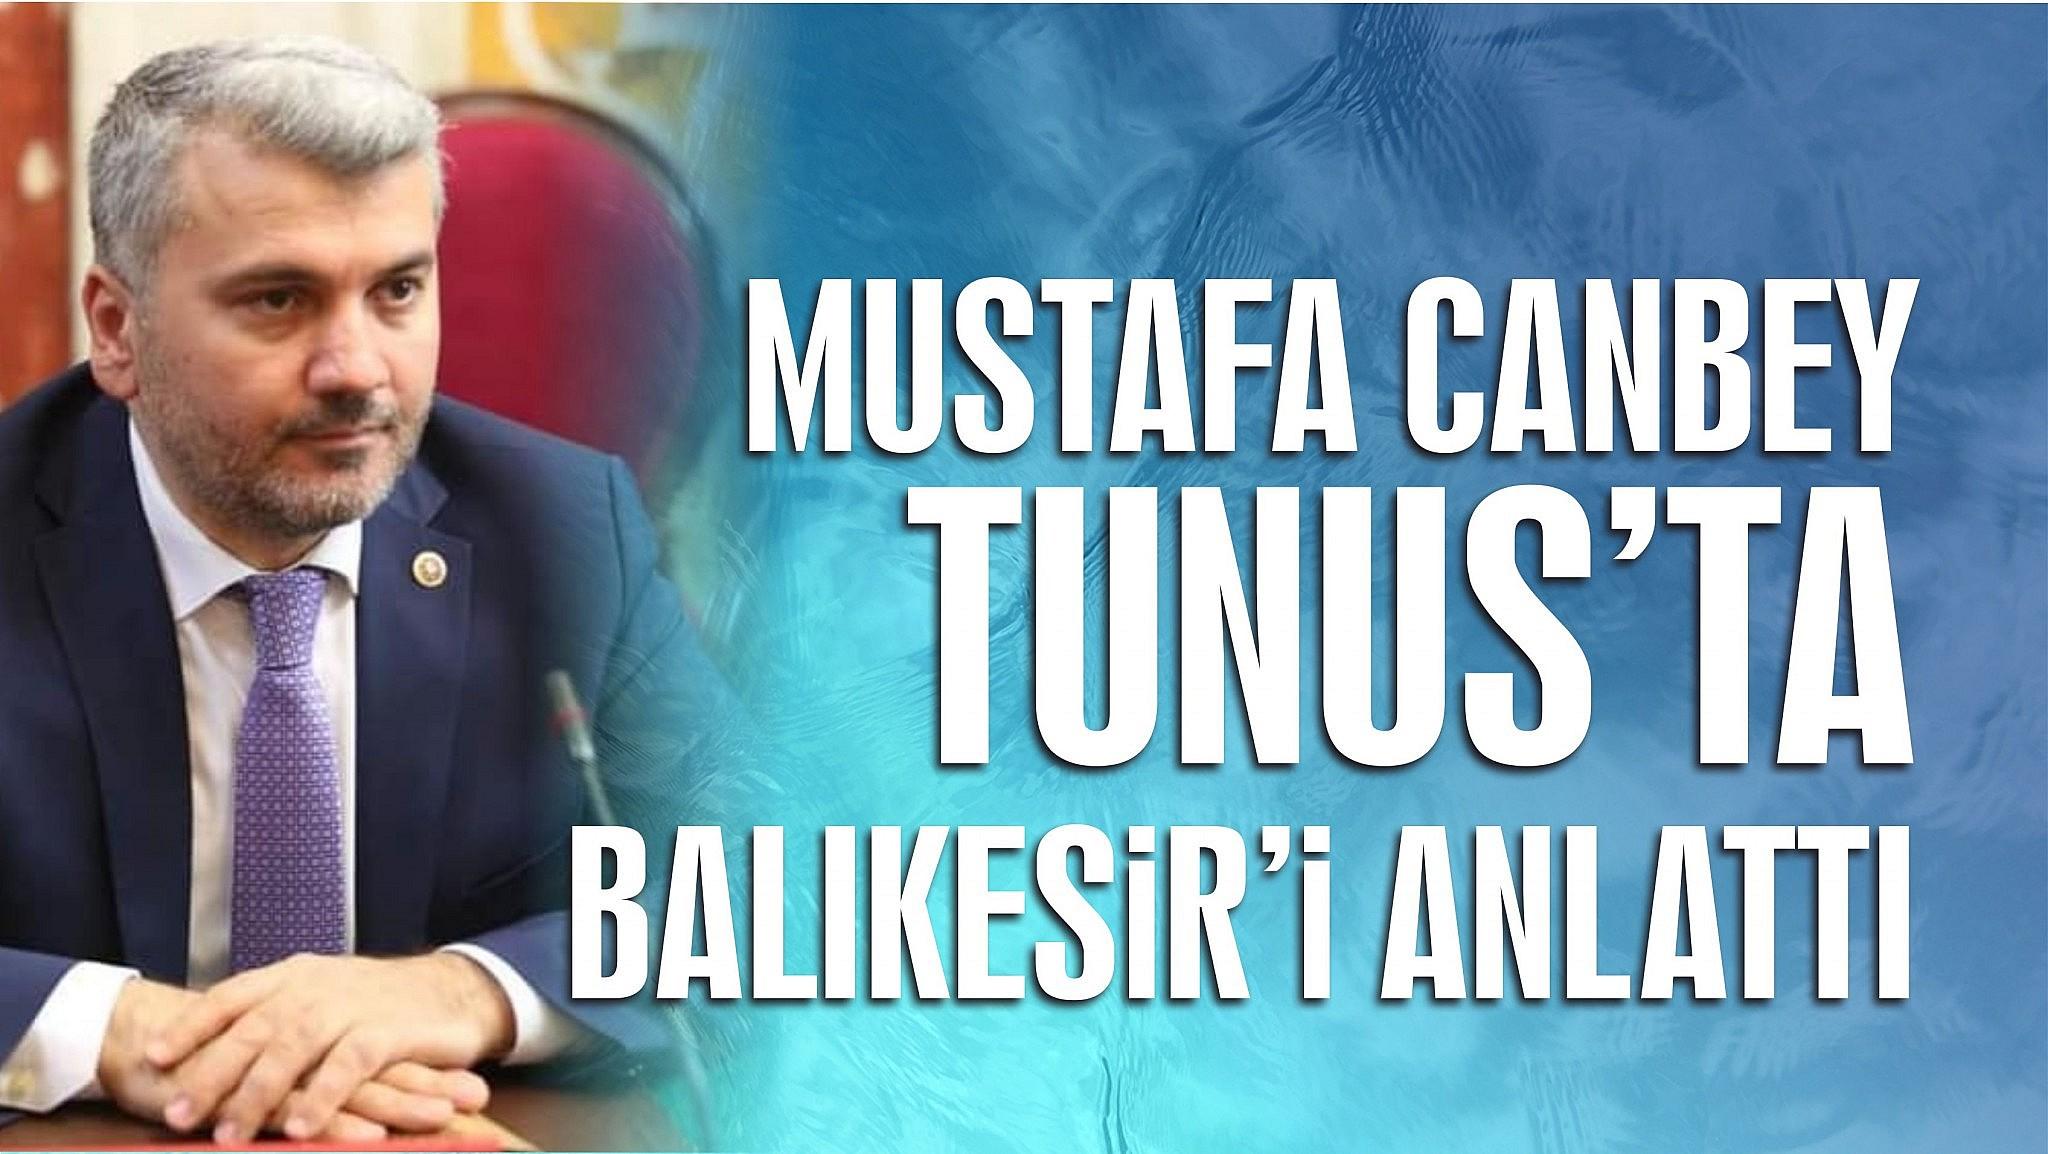 CANBEY TUNUS'TA BALIKESİR'İ ANLATTI